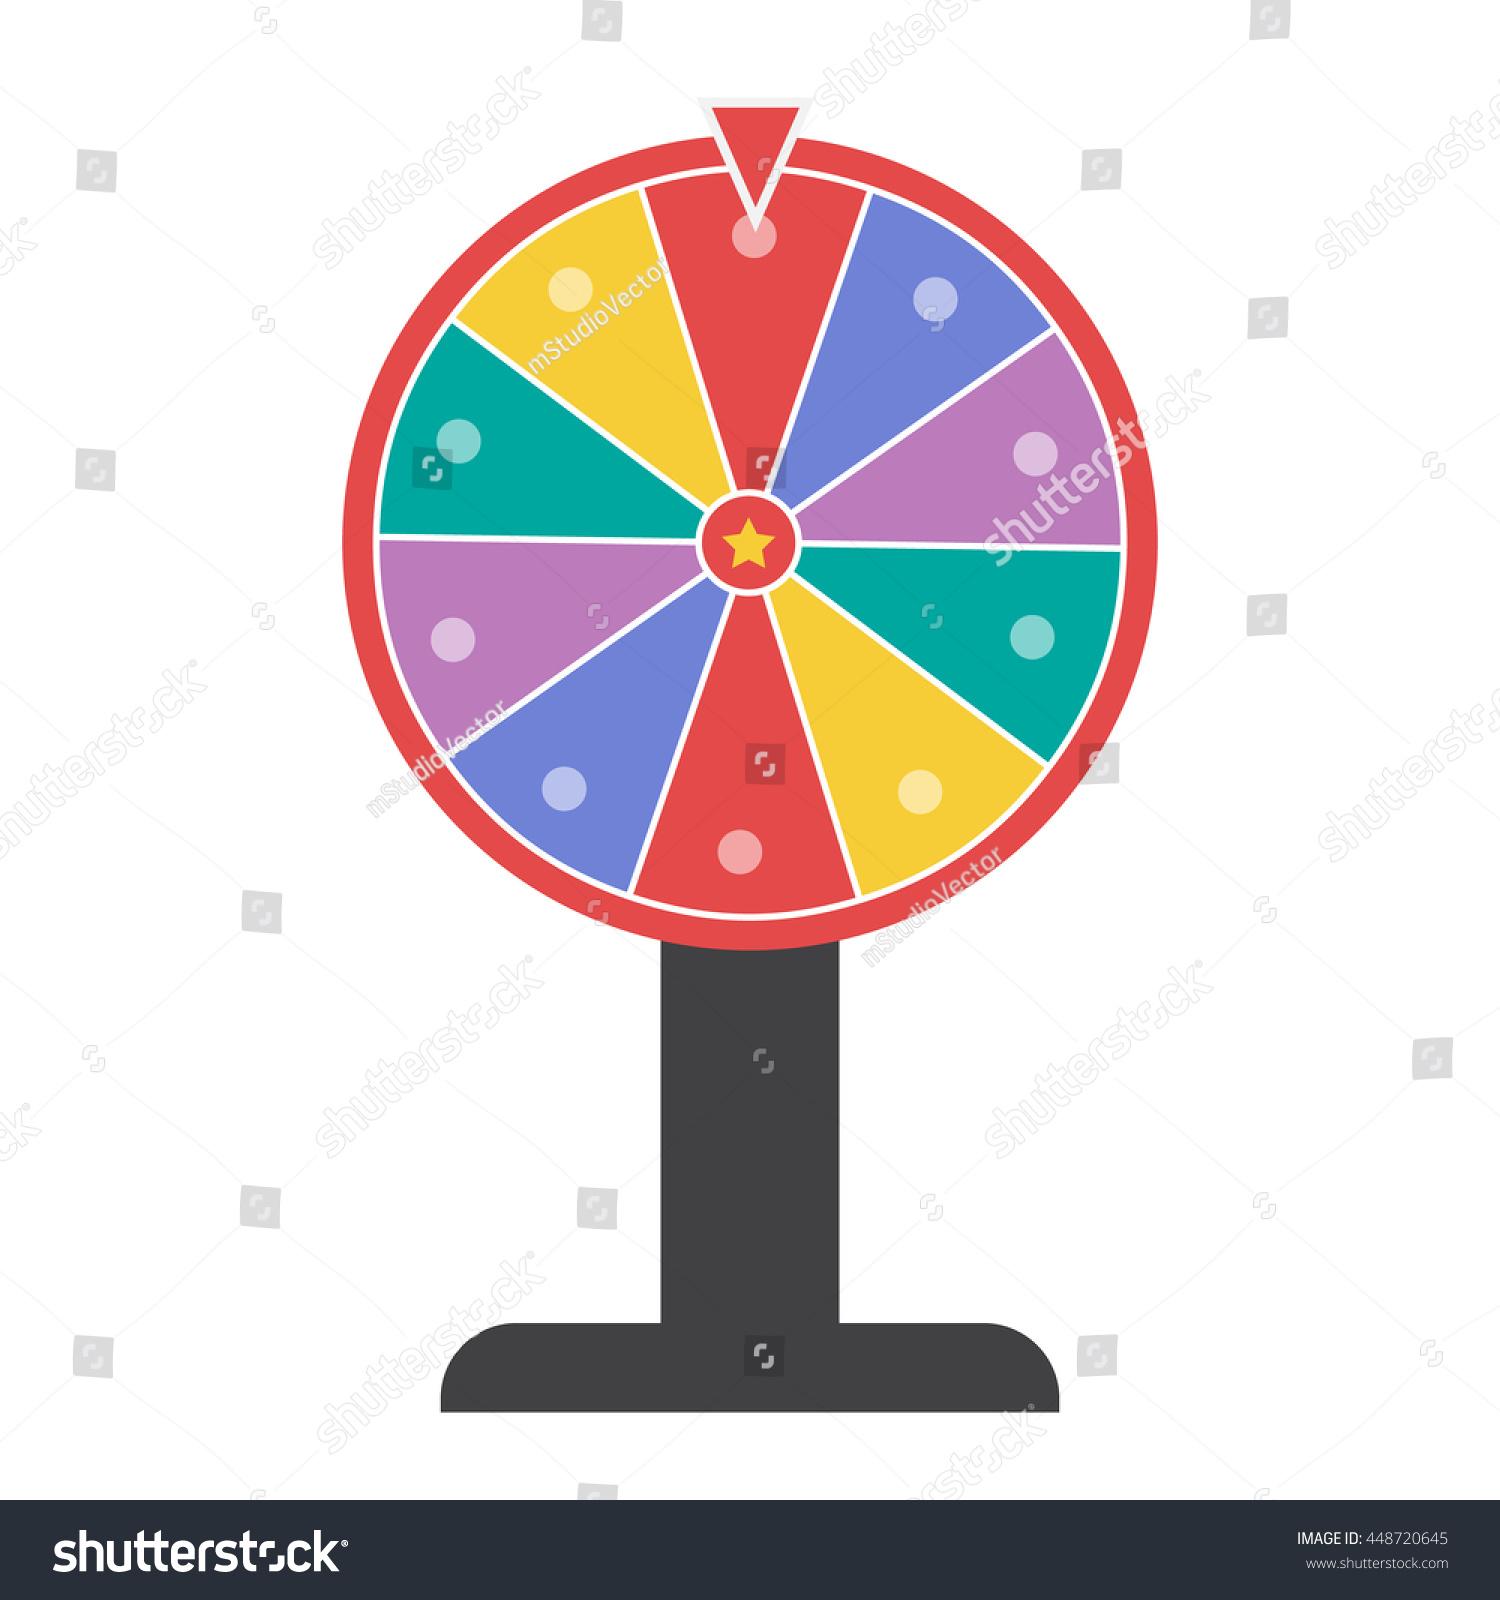 Wheel Of Fortune Vector Illustration Eps 10 - 448720645 ...